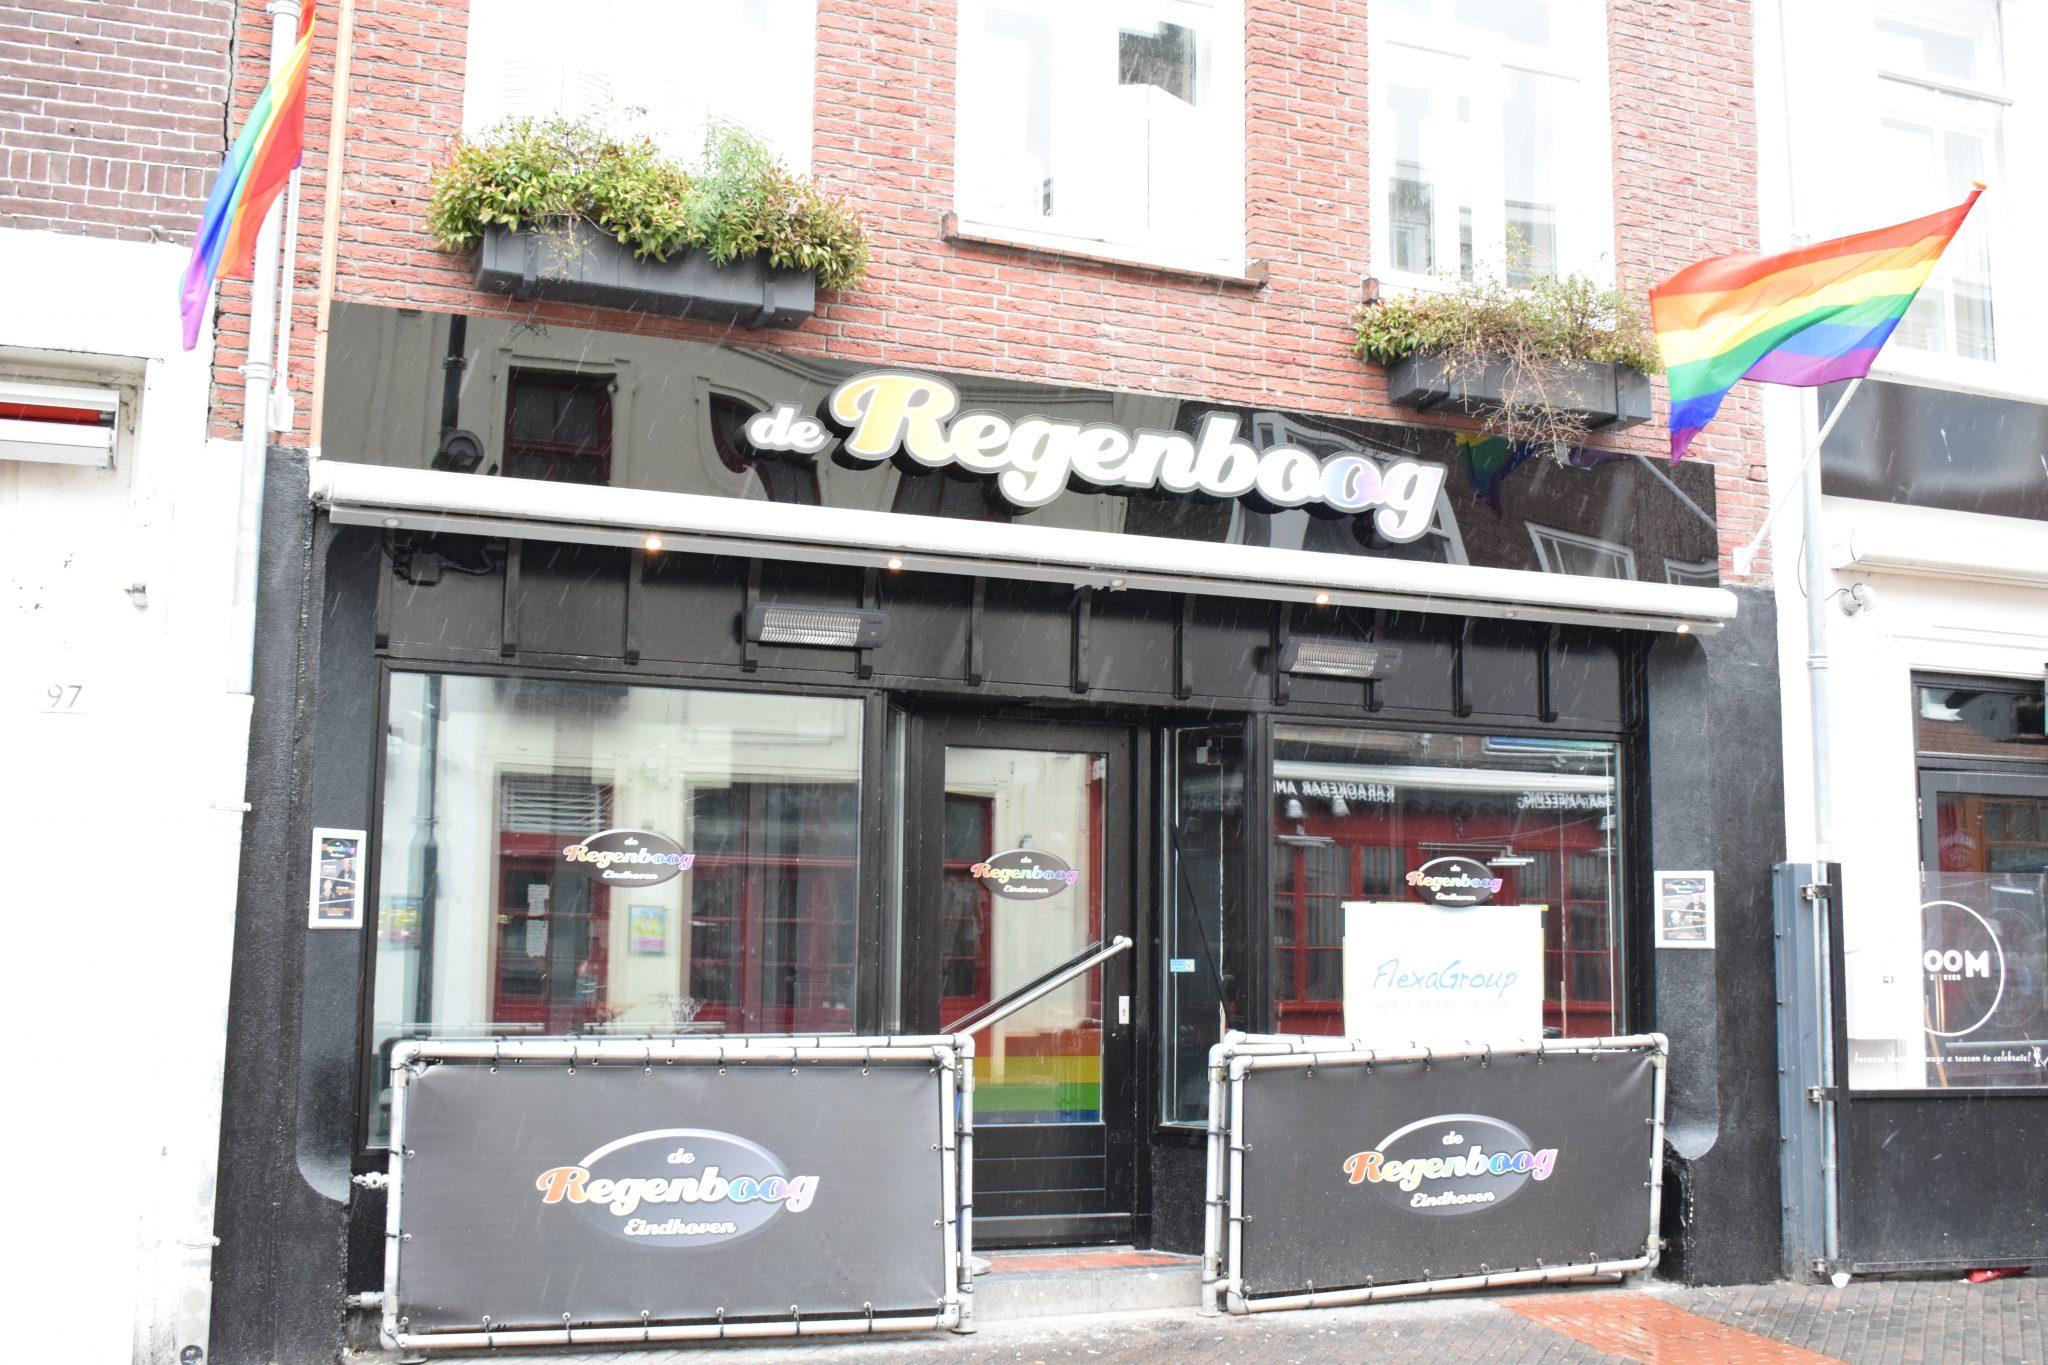 Café Regenboog Eindhoven